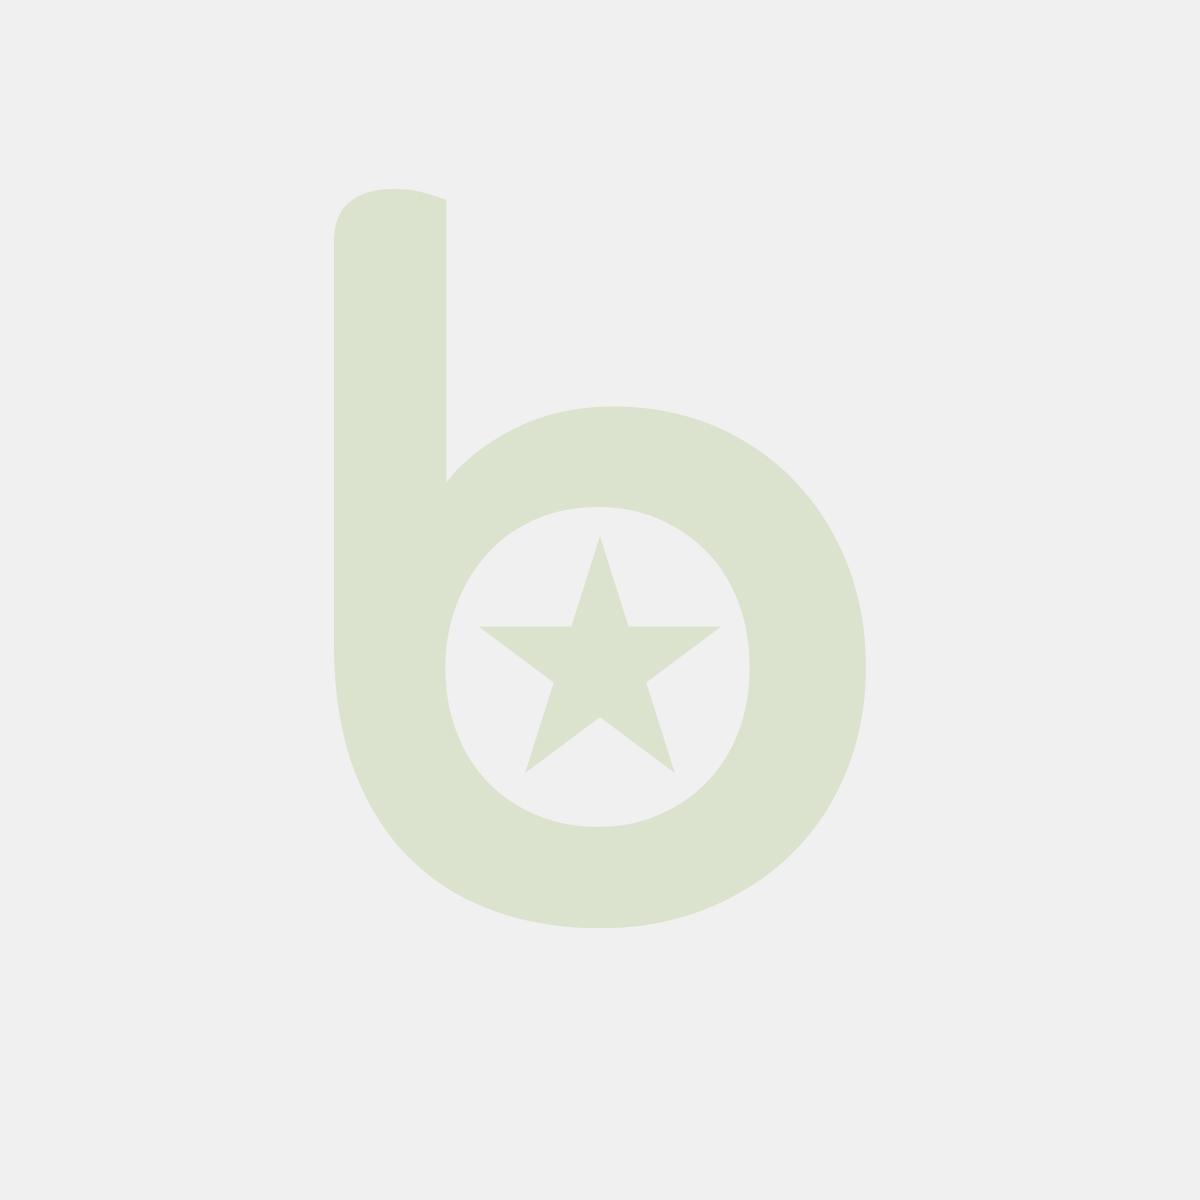 Worek BIGBAG 90x90x120, GÓRA OTWARTA-DÓŁ ZAMKNIĘTY